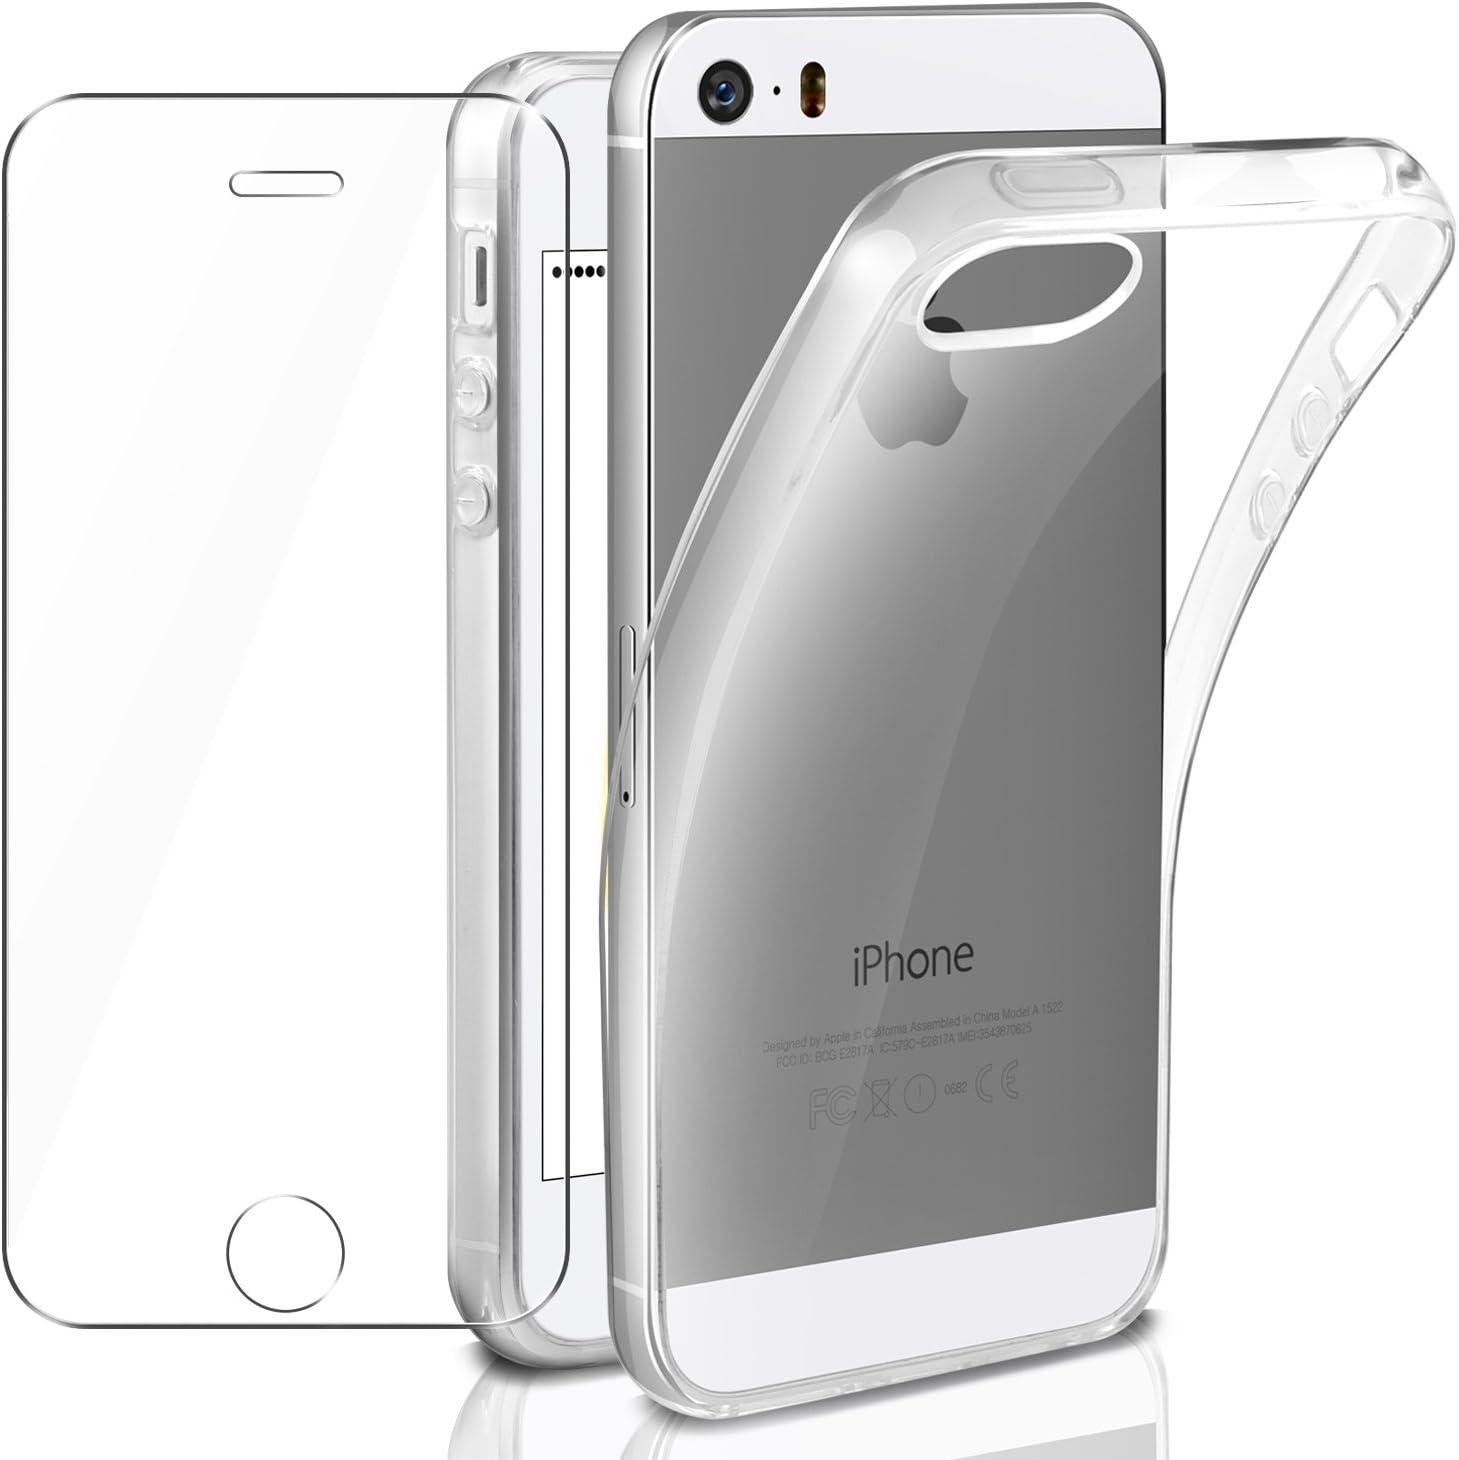 LAFCH HD Alta Trasparenza Pellicola Protettiva 1 Pezzi Vetro Temperato per iPhone SE//iPhone 5 iPhone 5s iPhone 5s Anti Graffi Vetro Temperato Pellicola Protettiva per iPhone SE//iPhone 5